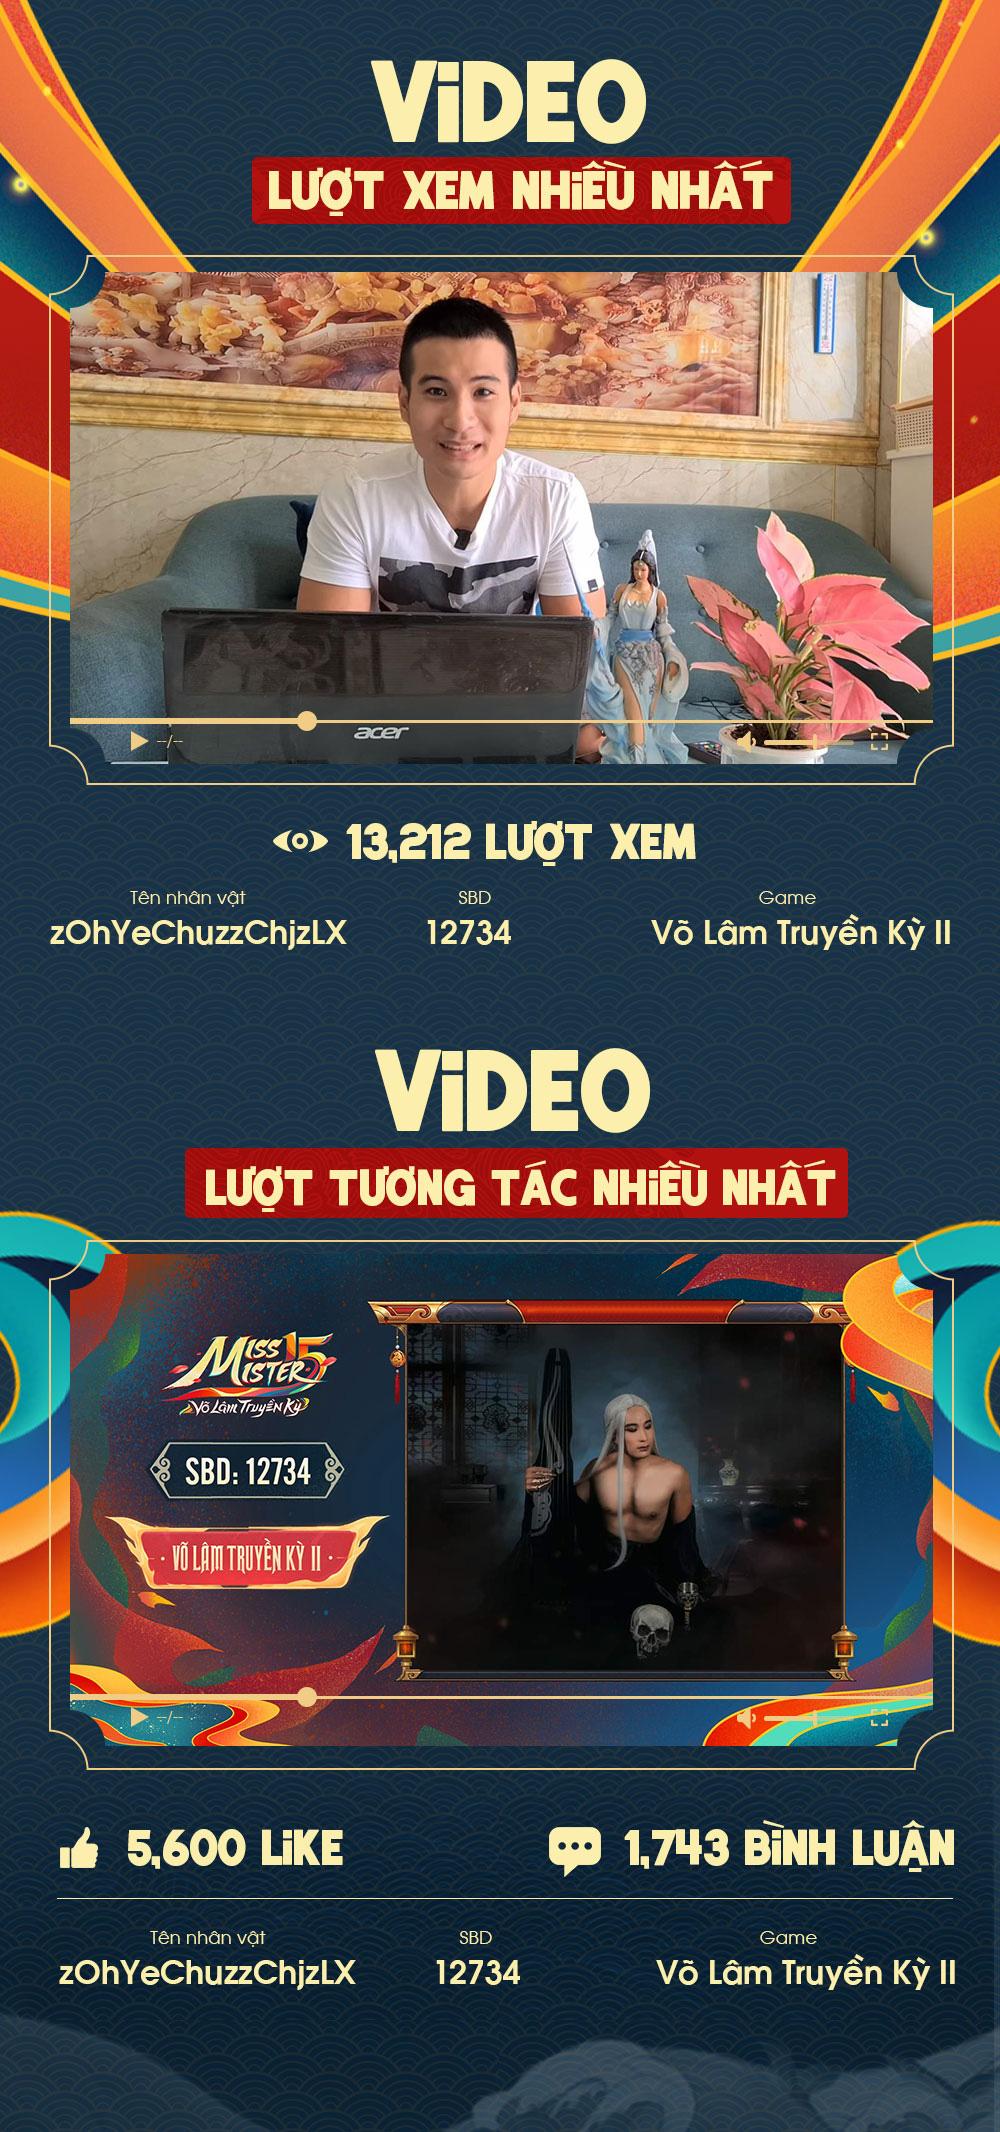 Miss & Mister VLTK 15: Hơn 9 triệu Hoa Hồng được trao gửi và gần 100.000 lượt tương tác trên kênh YouTube - Ảnh 3.